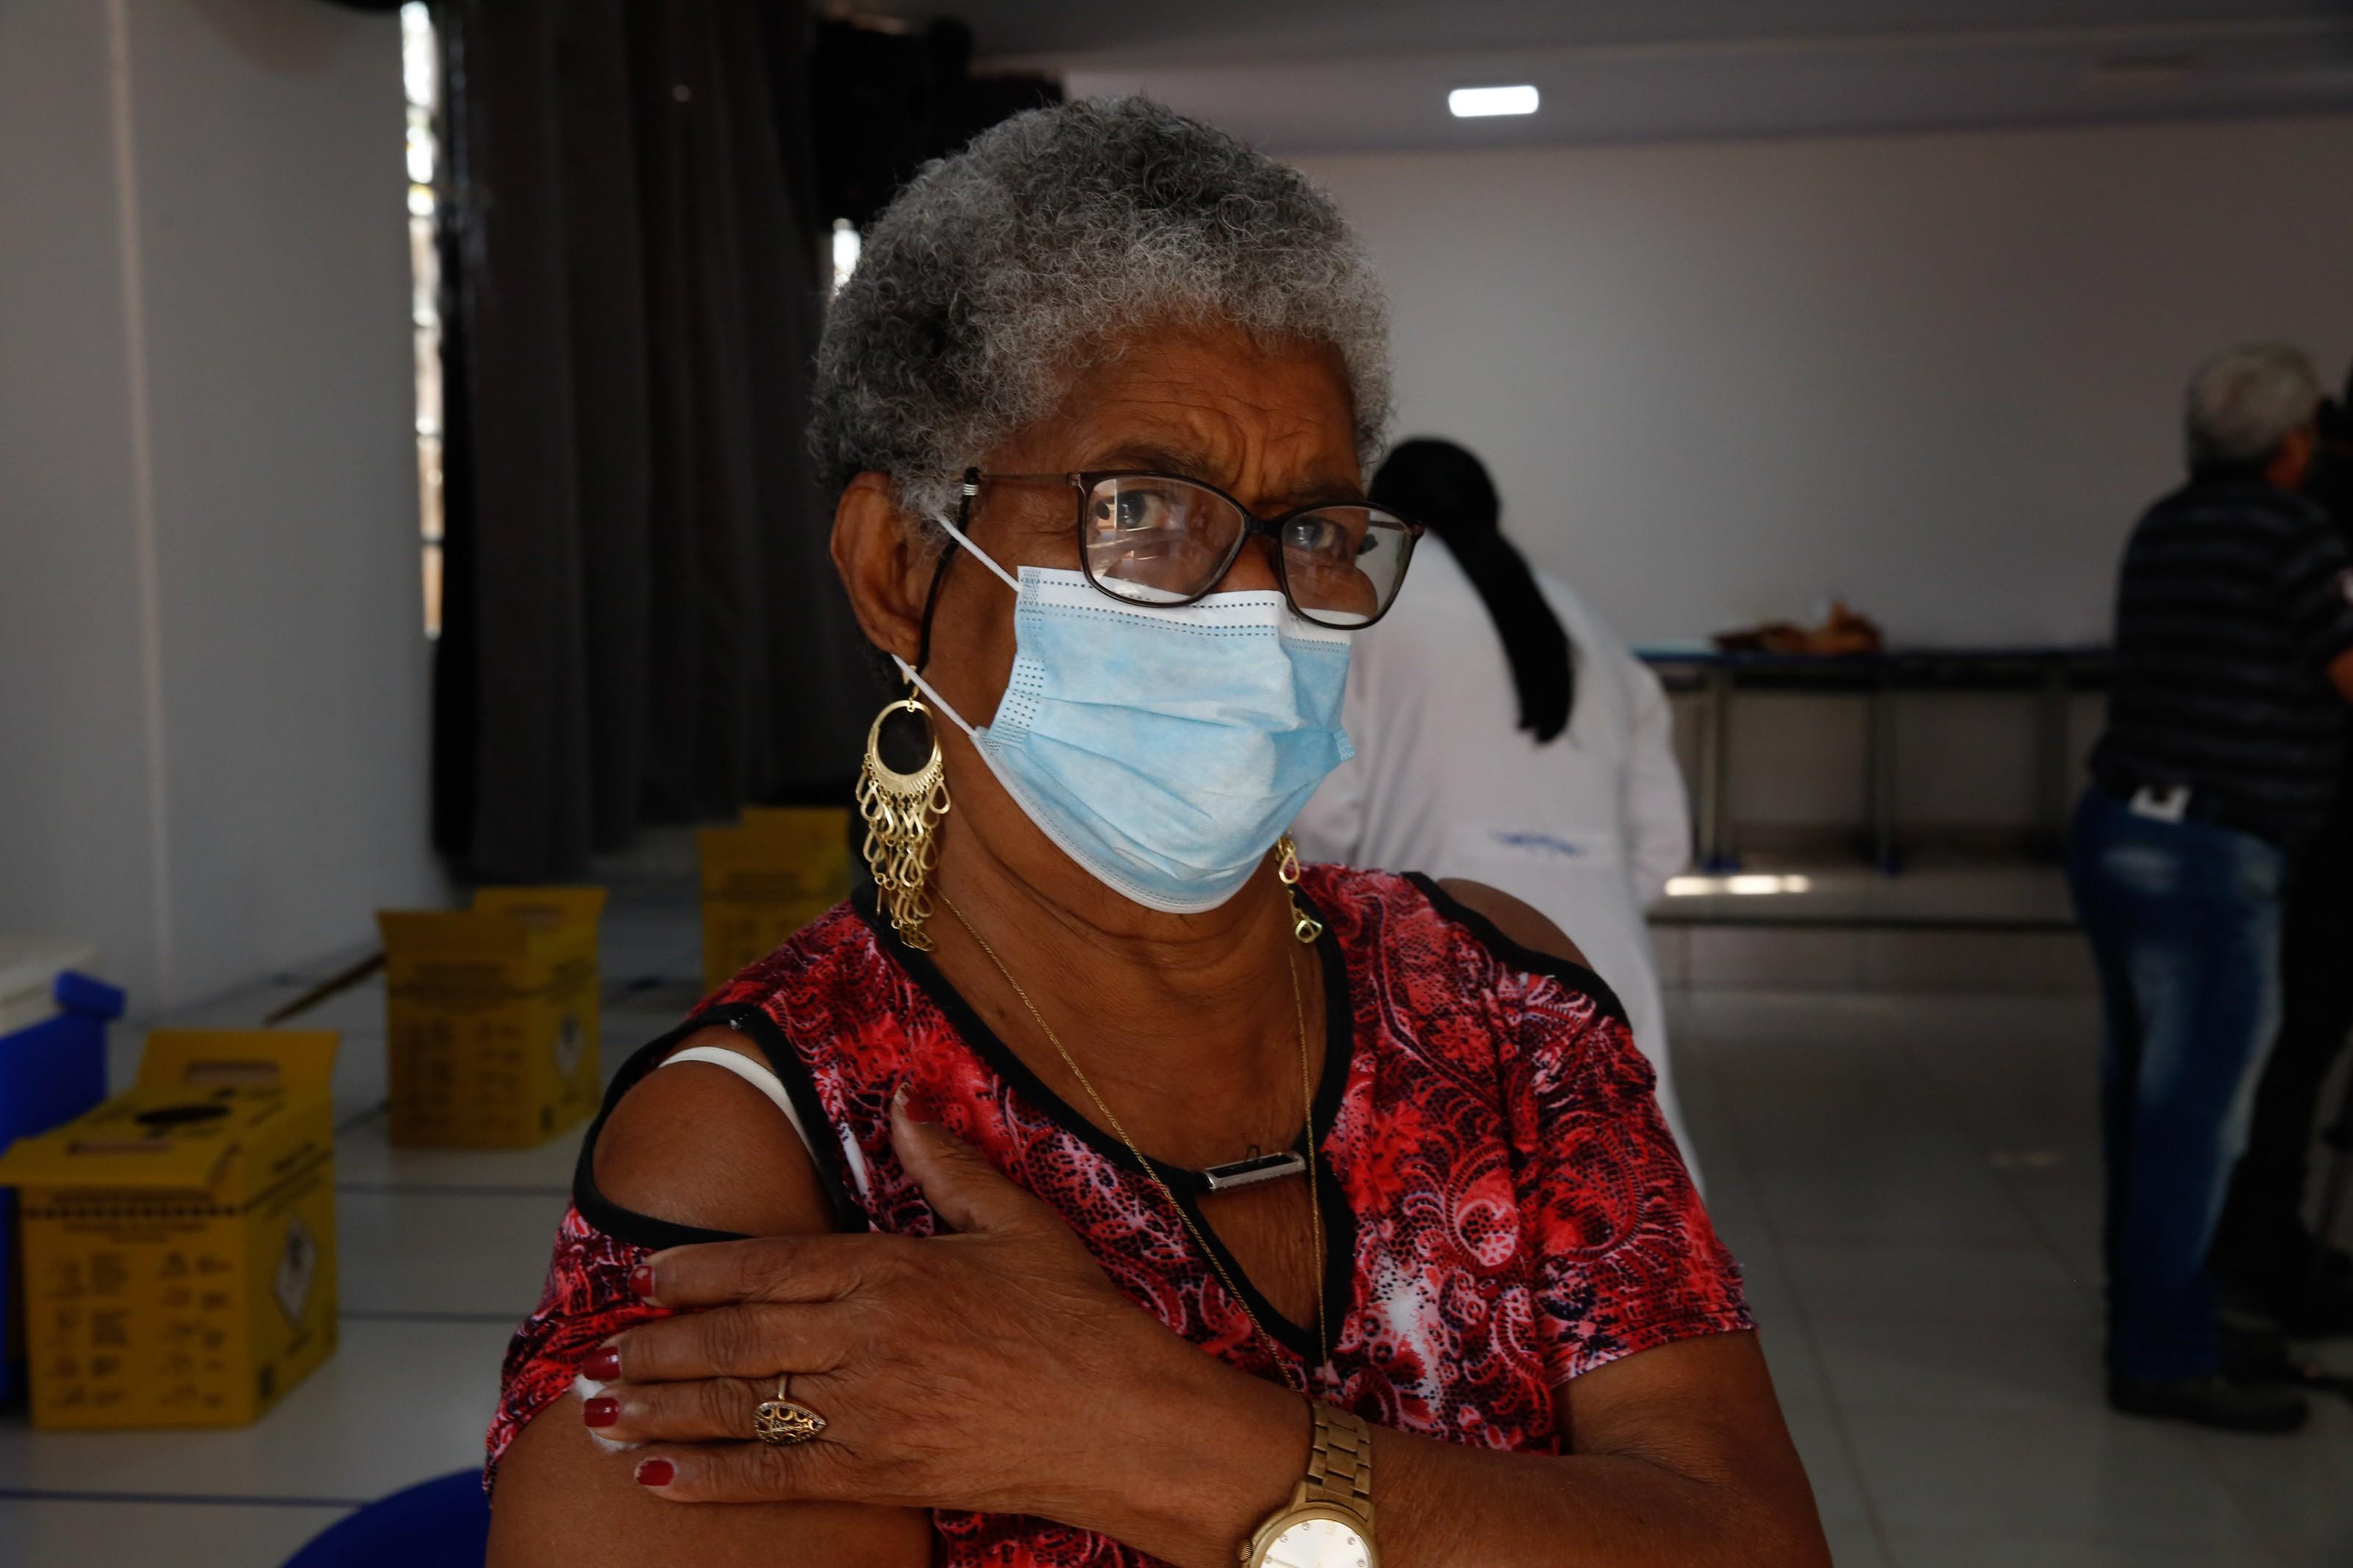 Cidade de SP vacina nesta quinta contra Covid jovens com mais de 12 anos; idosos de 85 a 89 anos podem tomar dose de reforço